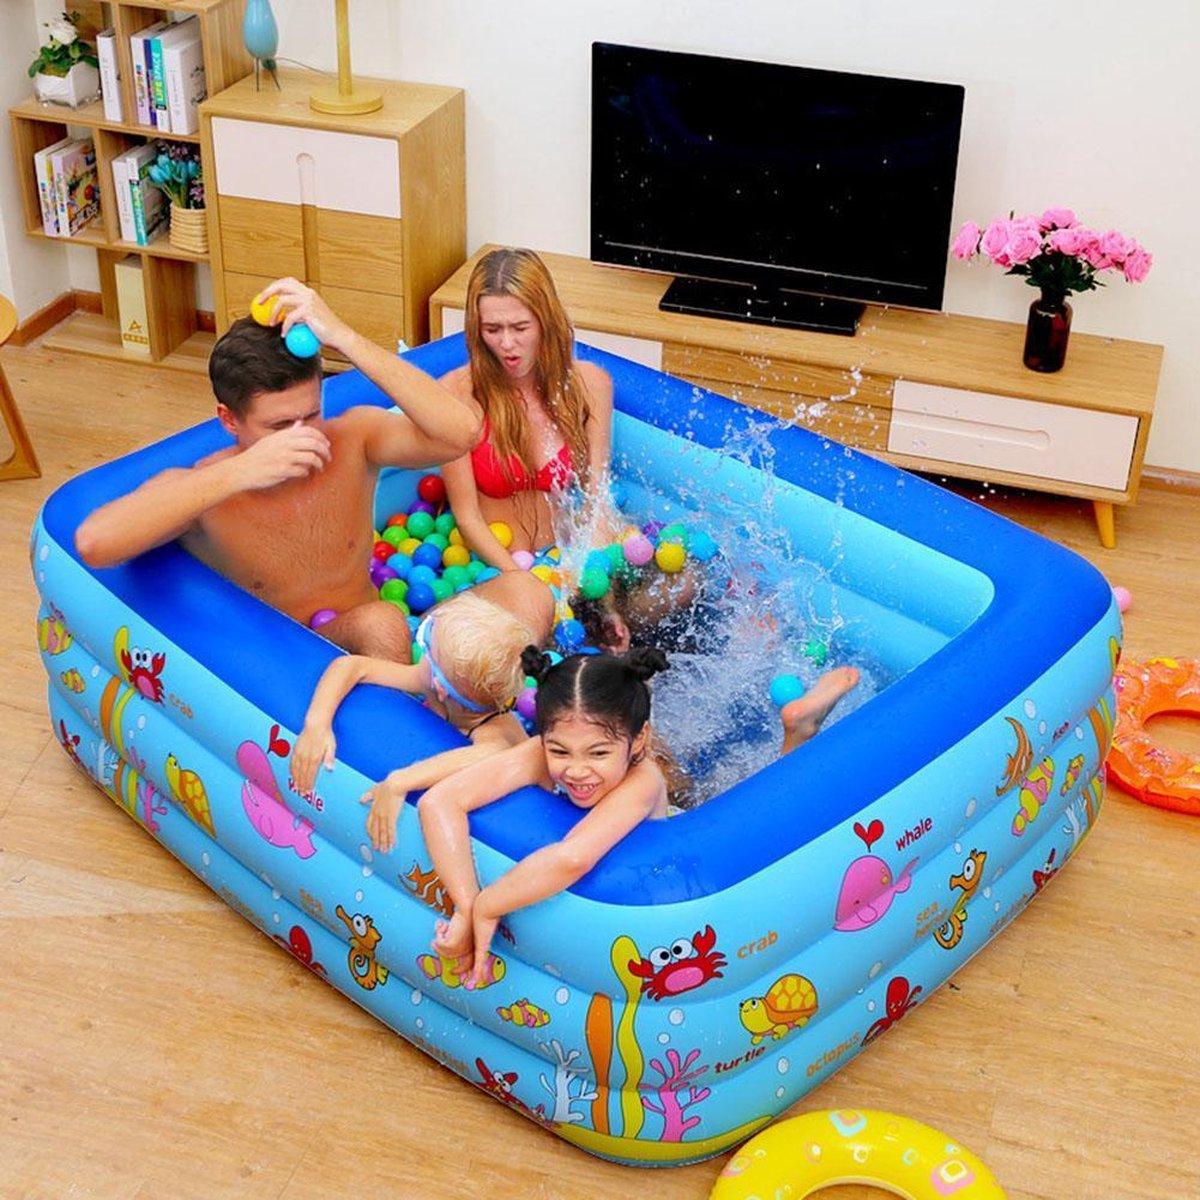 Opblaasbaar zwembad 2.1 * 1.45 * 0.65 meter blauw